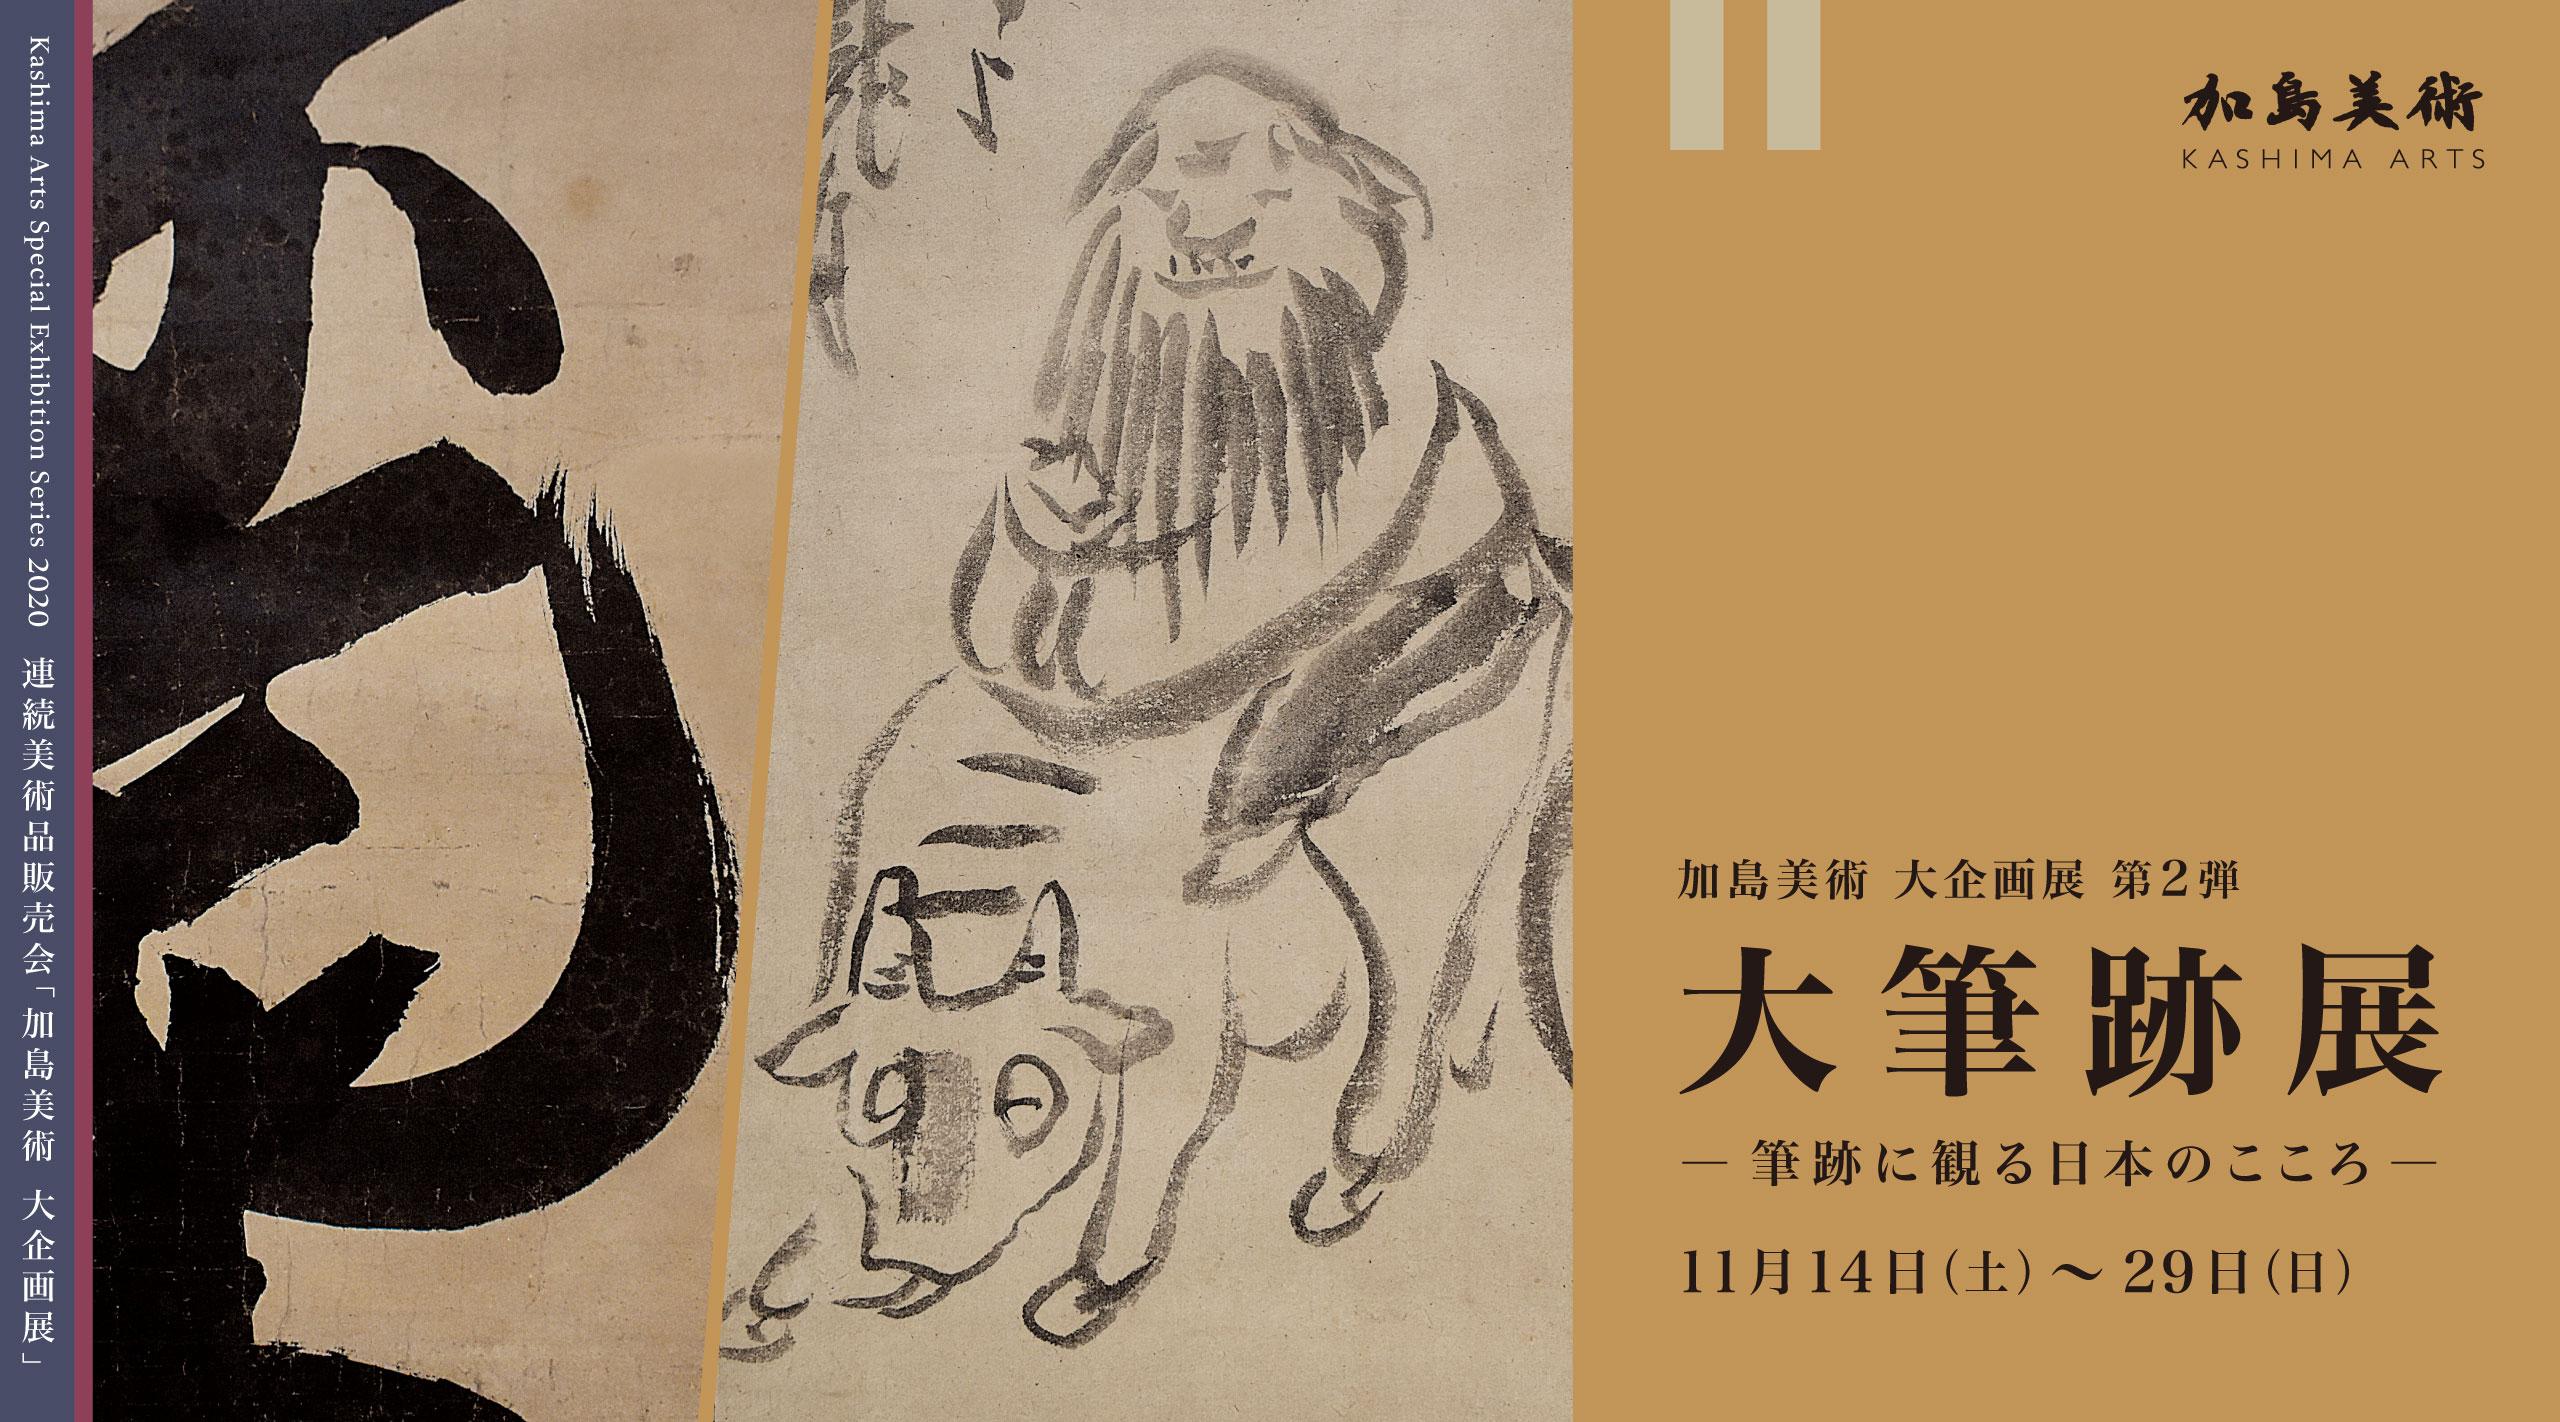 大筆跡展―筆跡に観る日本のこころ―